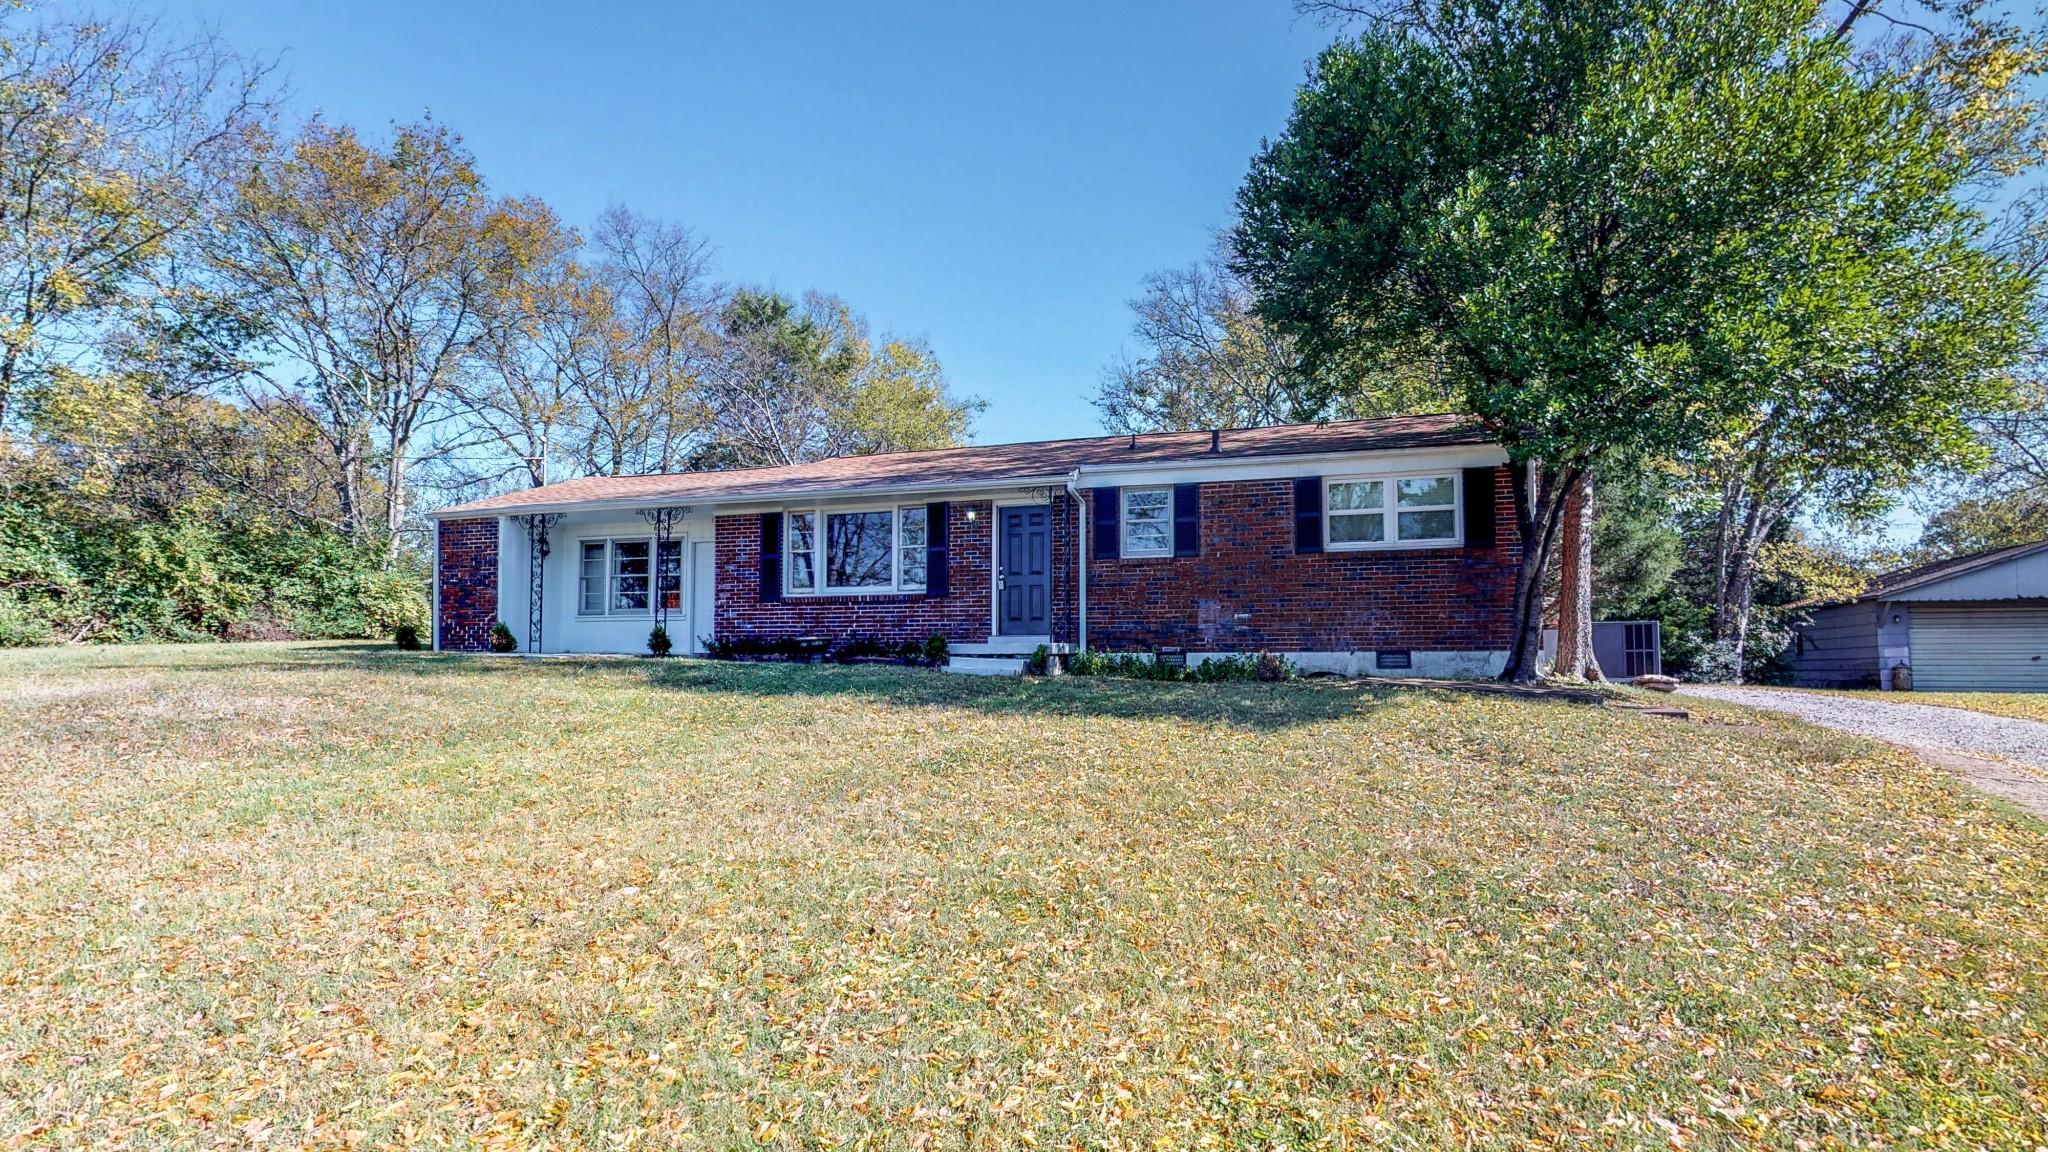 509 Vinson Dr., Nashville, TN 37217 - Nashville, TN real estate listing